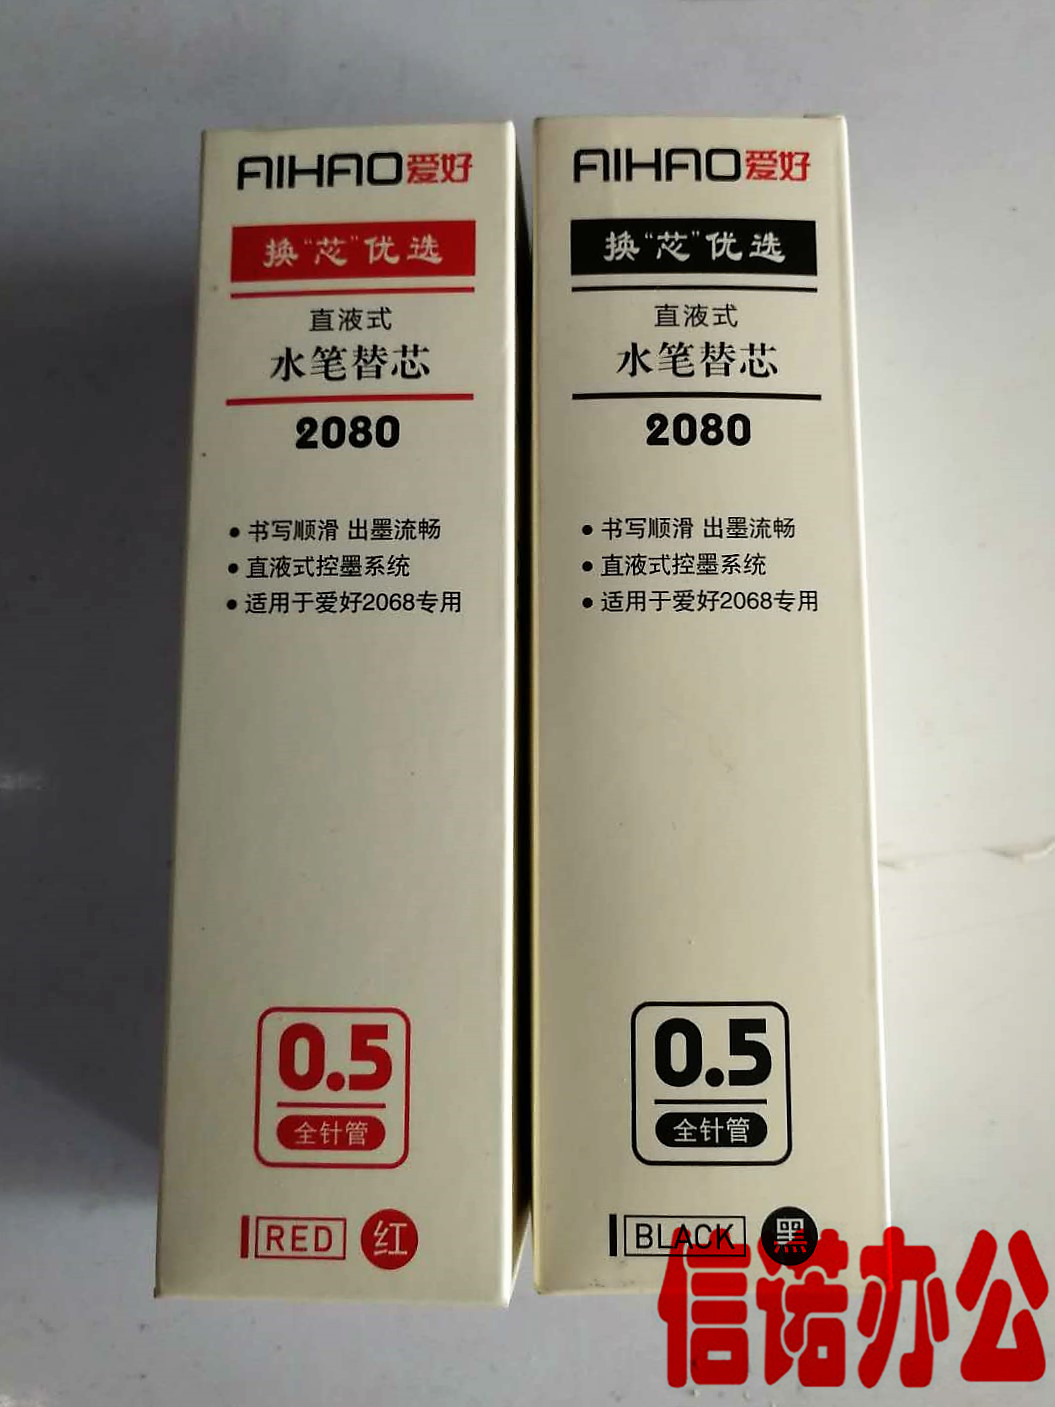 爱好 换芯优选2080 替芯直液式 2068专用水笔芯 0.5办公 全针管